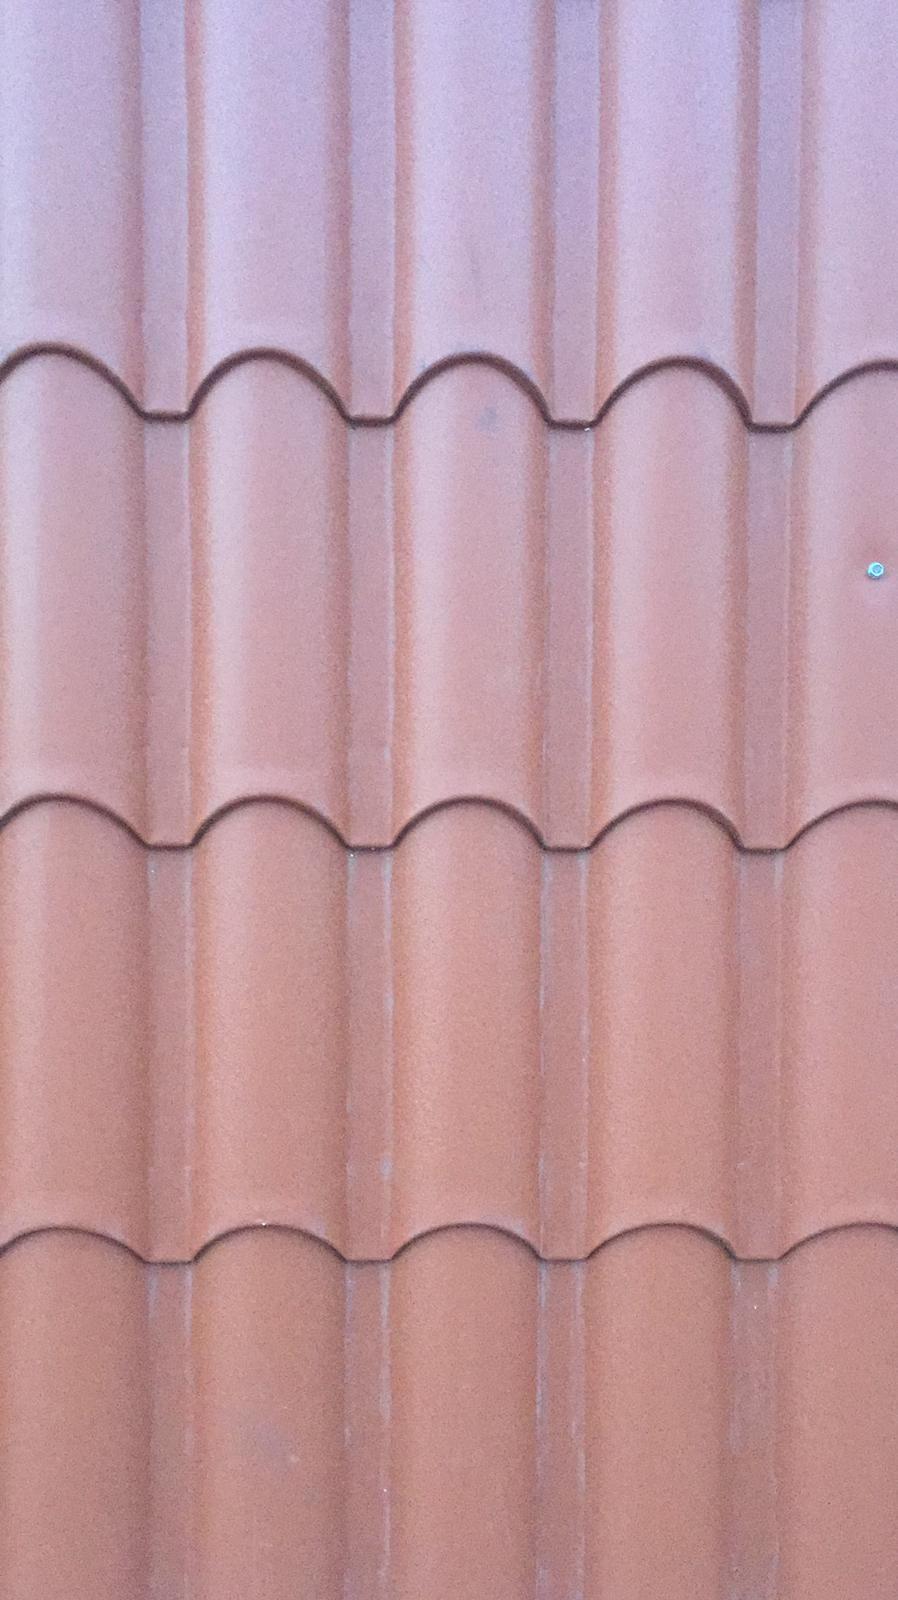 Foto 4 de Hierros (almacenes) en Villajoyosa | Hierros Villajoyosa, S.A.